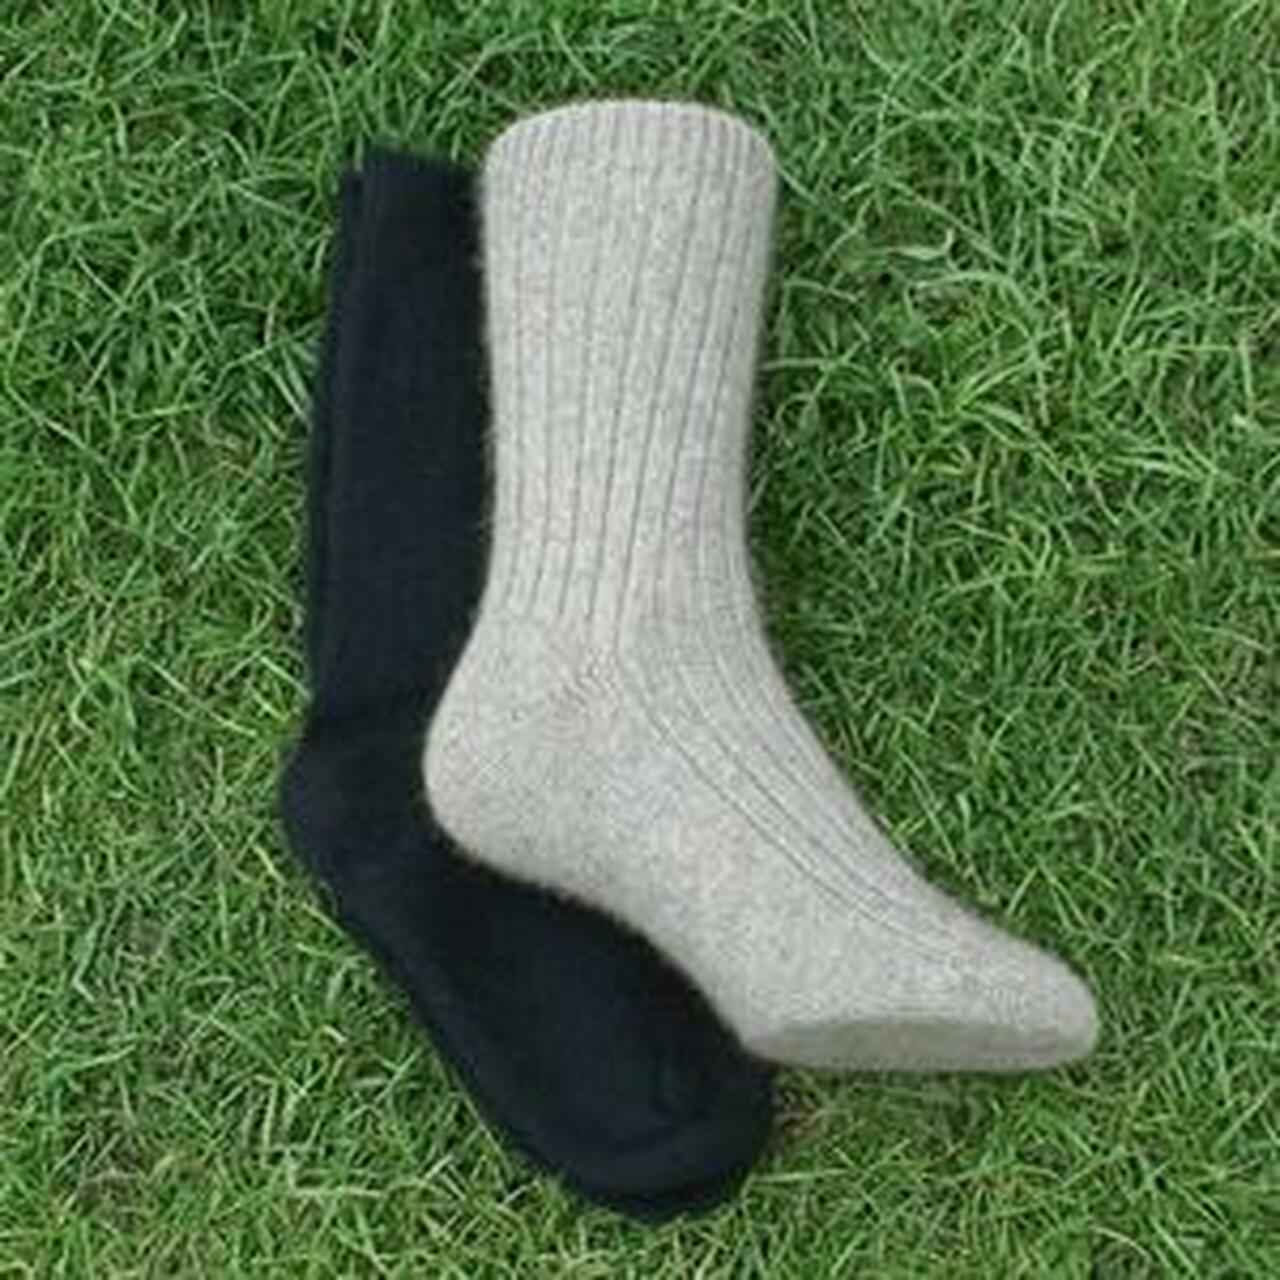 NZ Made Possum and Merino Cushioned Sole Trekking Socks